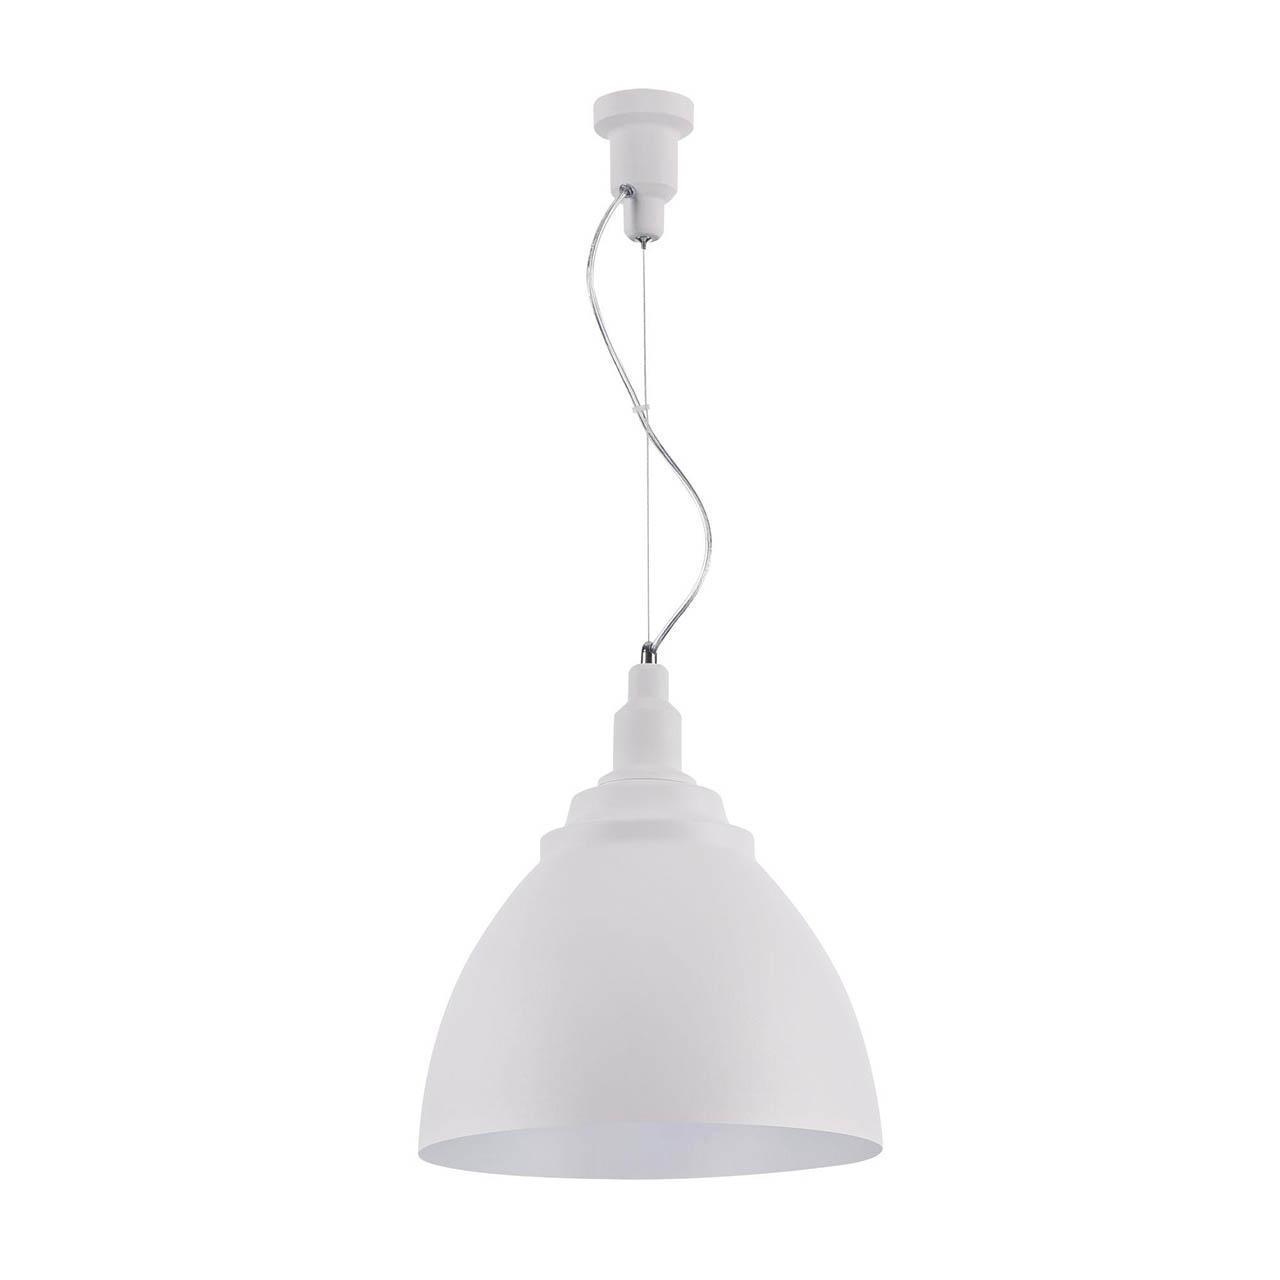 Подвесной светильник Maytoni Bellevue P535PL-01W подвесной светильник maytoni bellevue p535pl 01pn